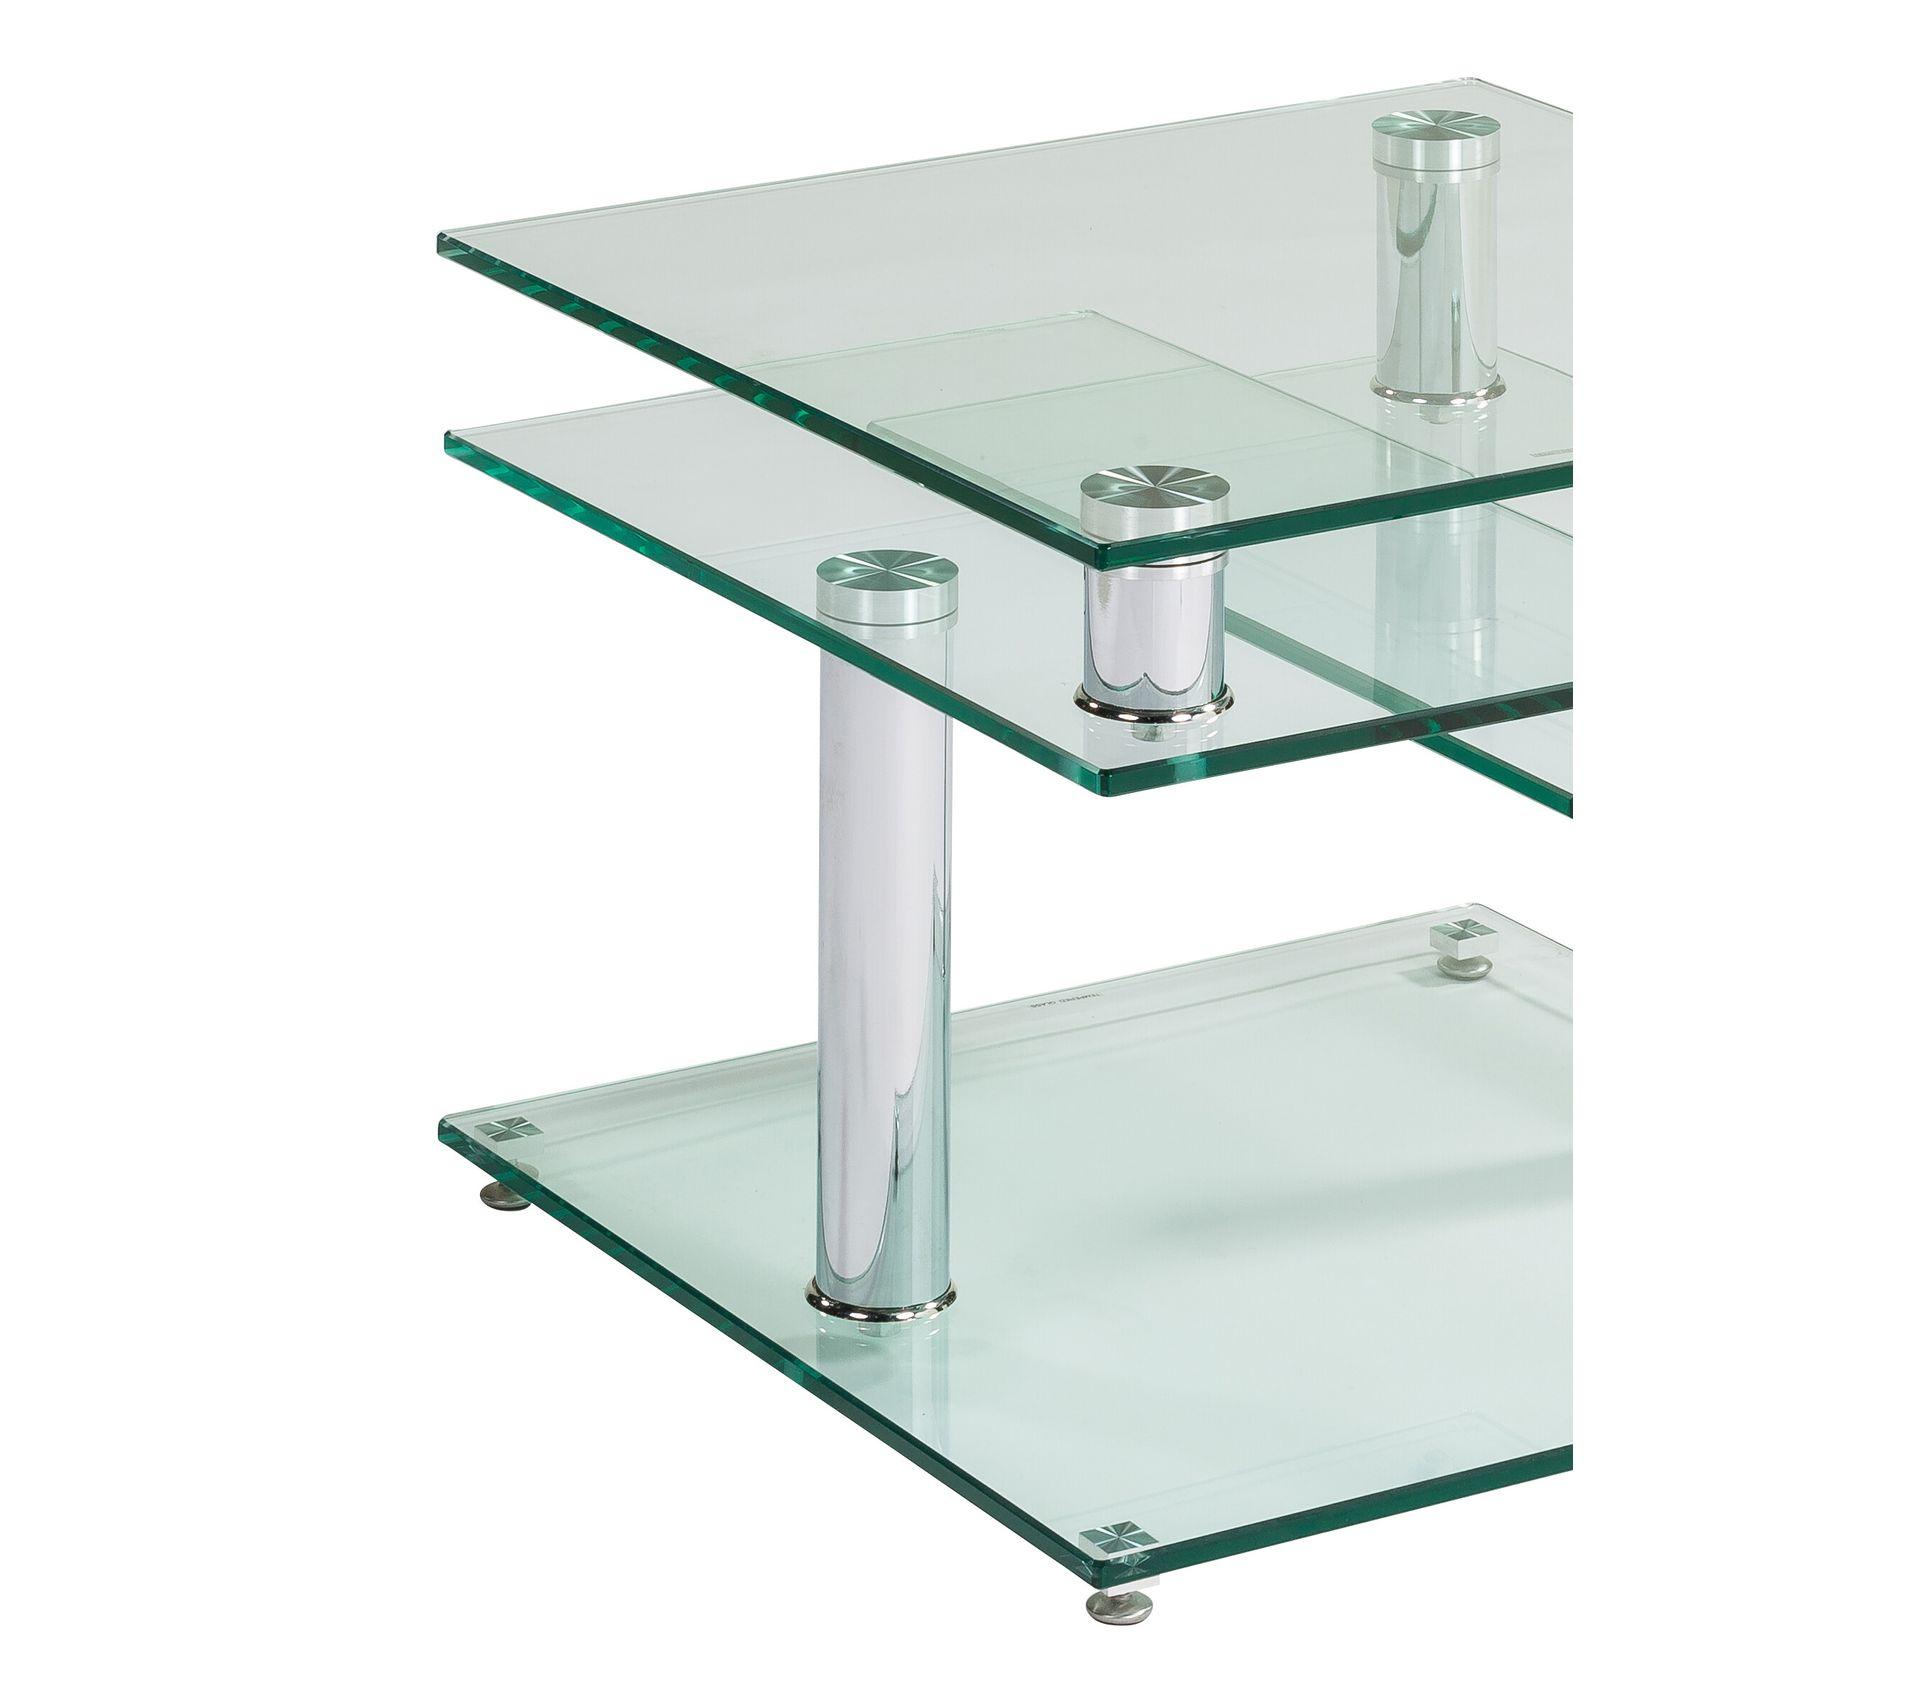 table basse verre et chrome dino 2 avec 2 plateaux pivotants